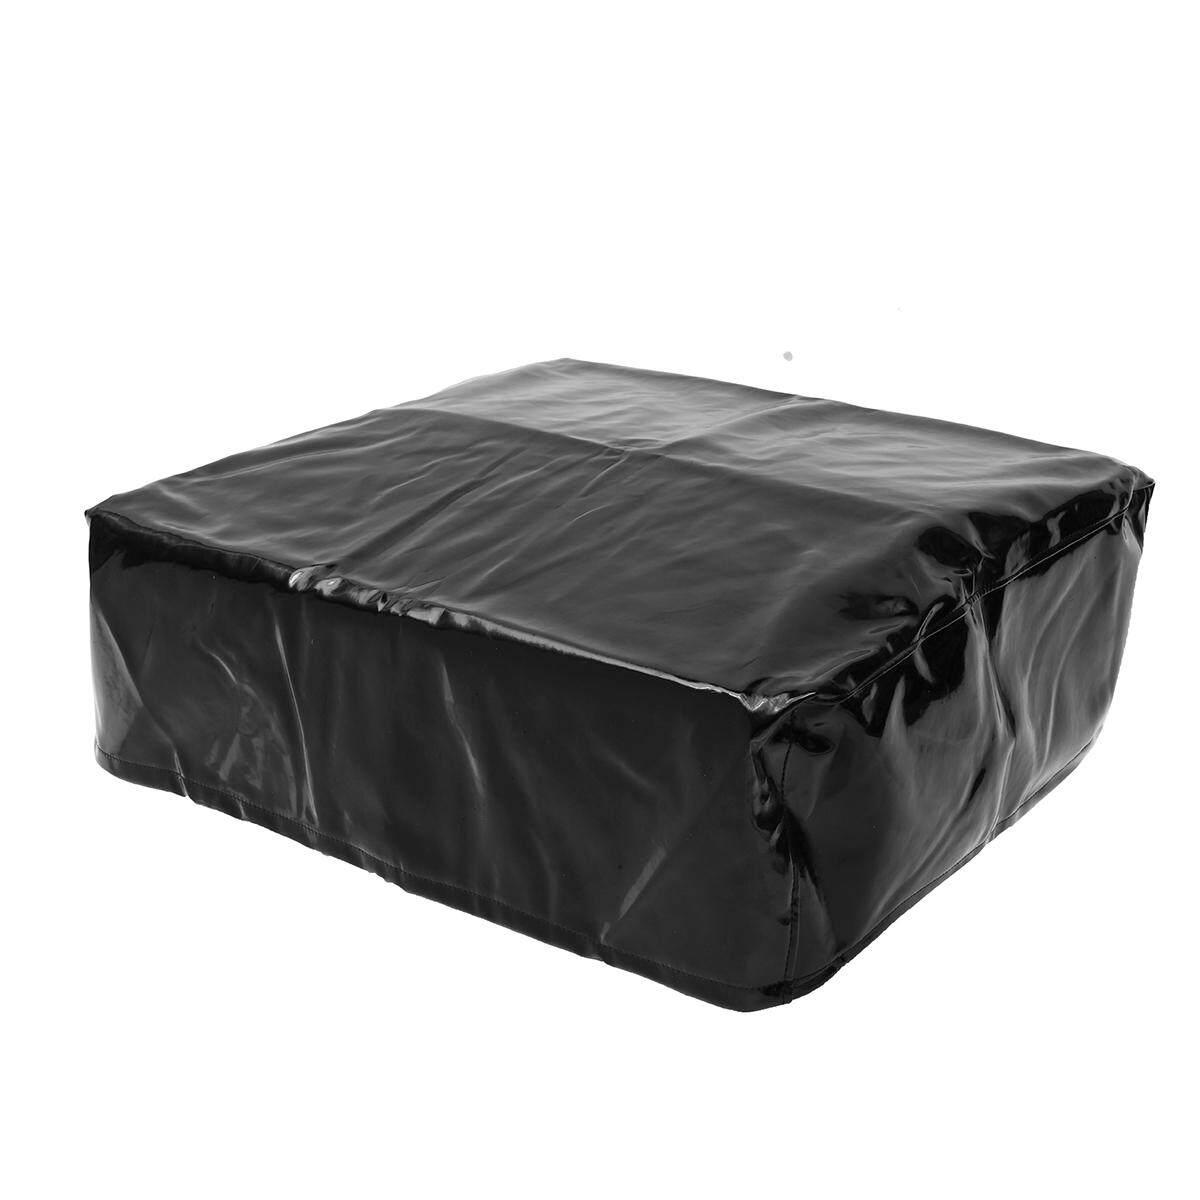 18x15x5.5 inch Bàn Xoay Bụi cho Numark TTUSB/TT1610/TT1625/TT200/TT500; ion ITTUSB